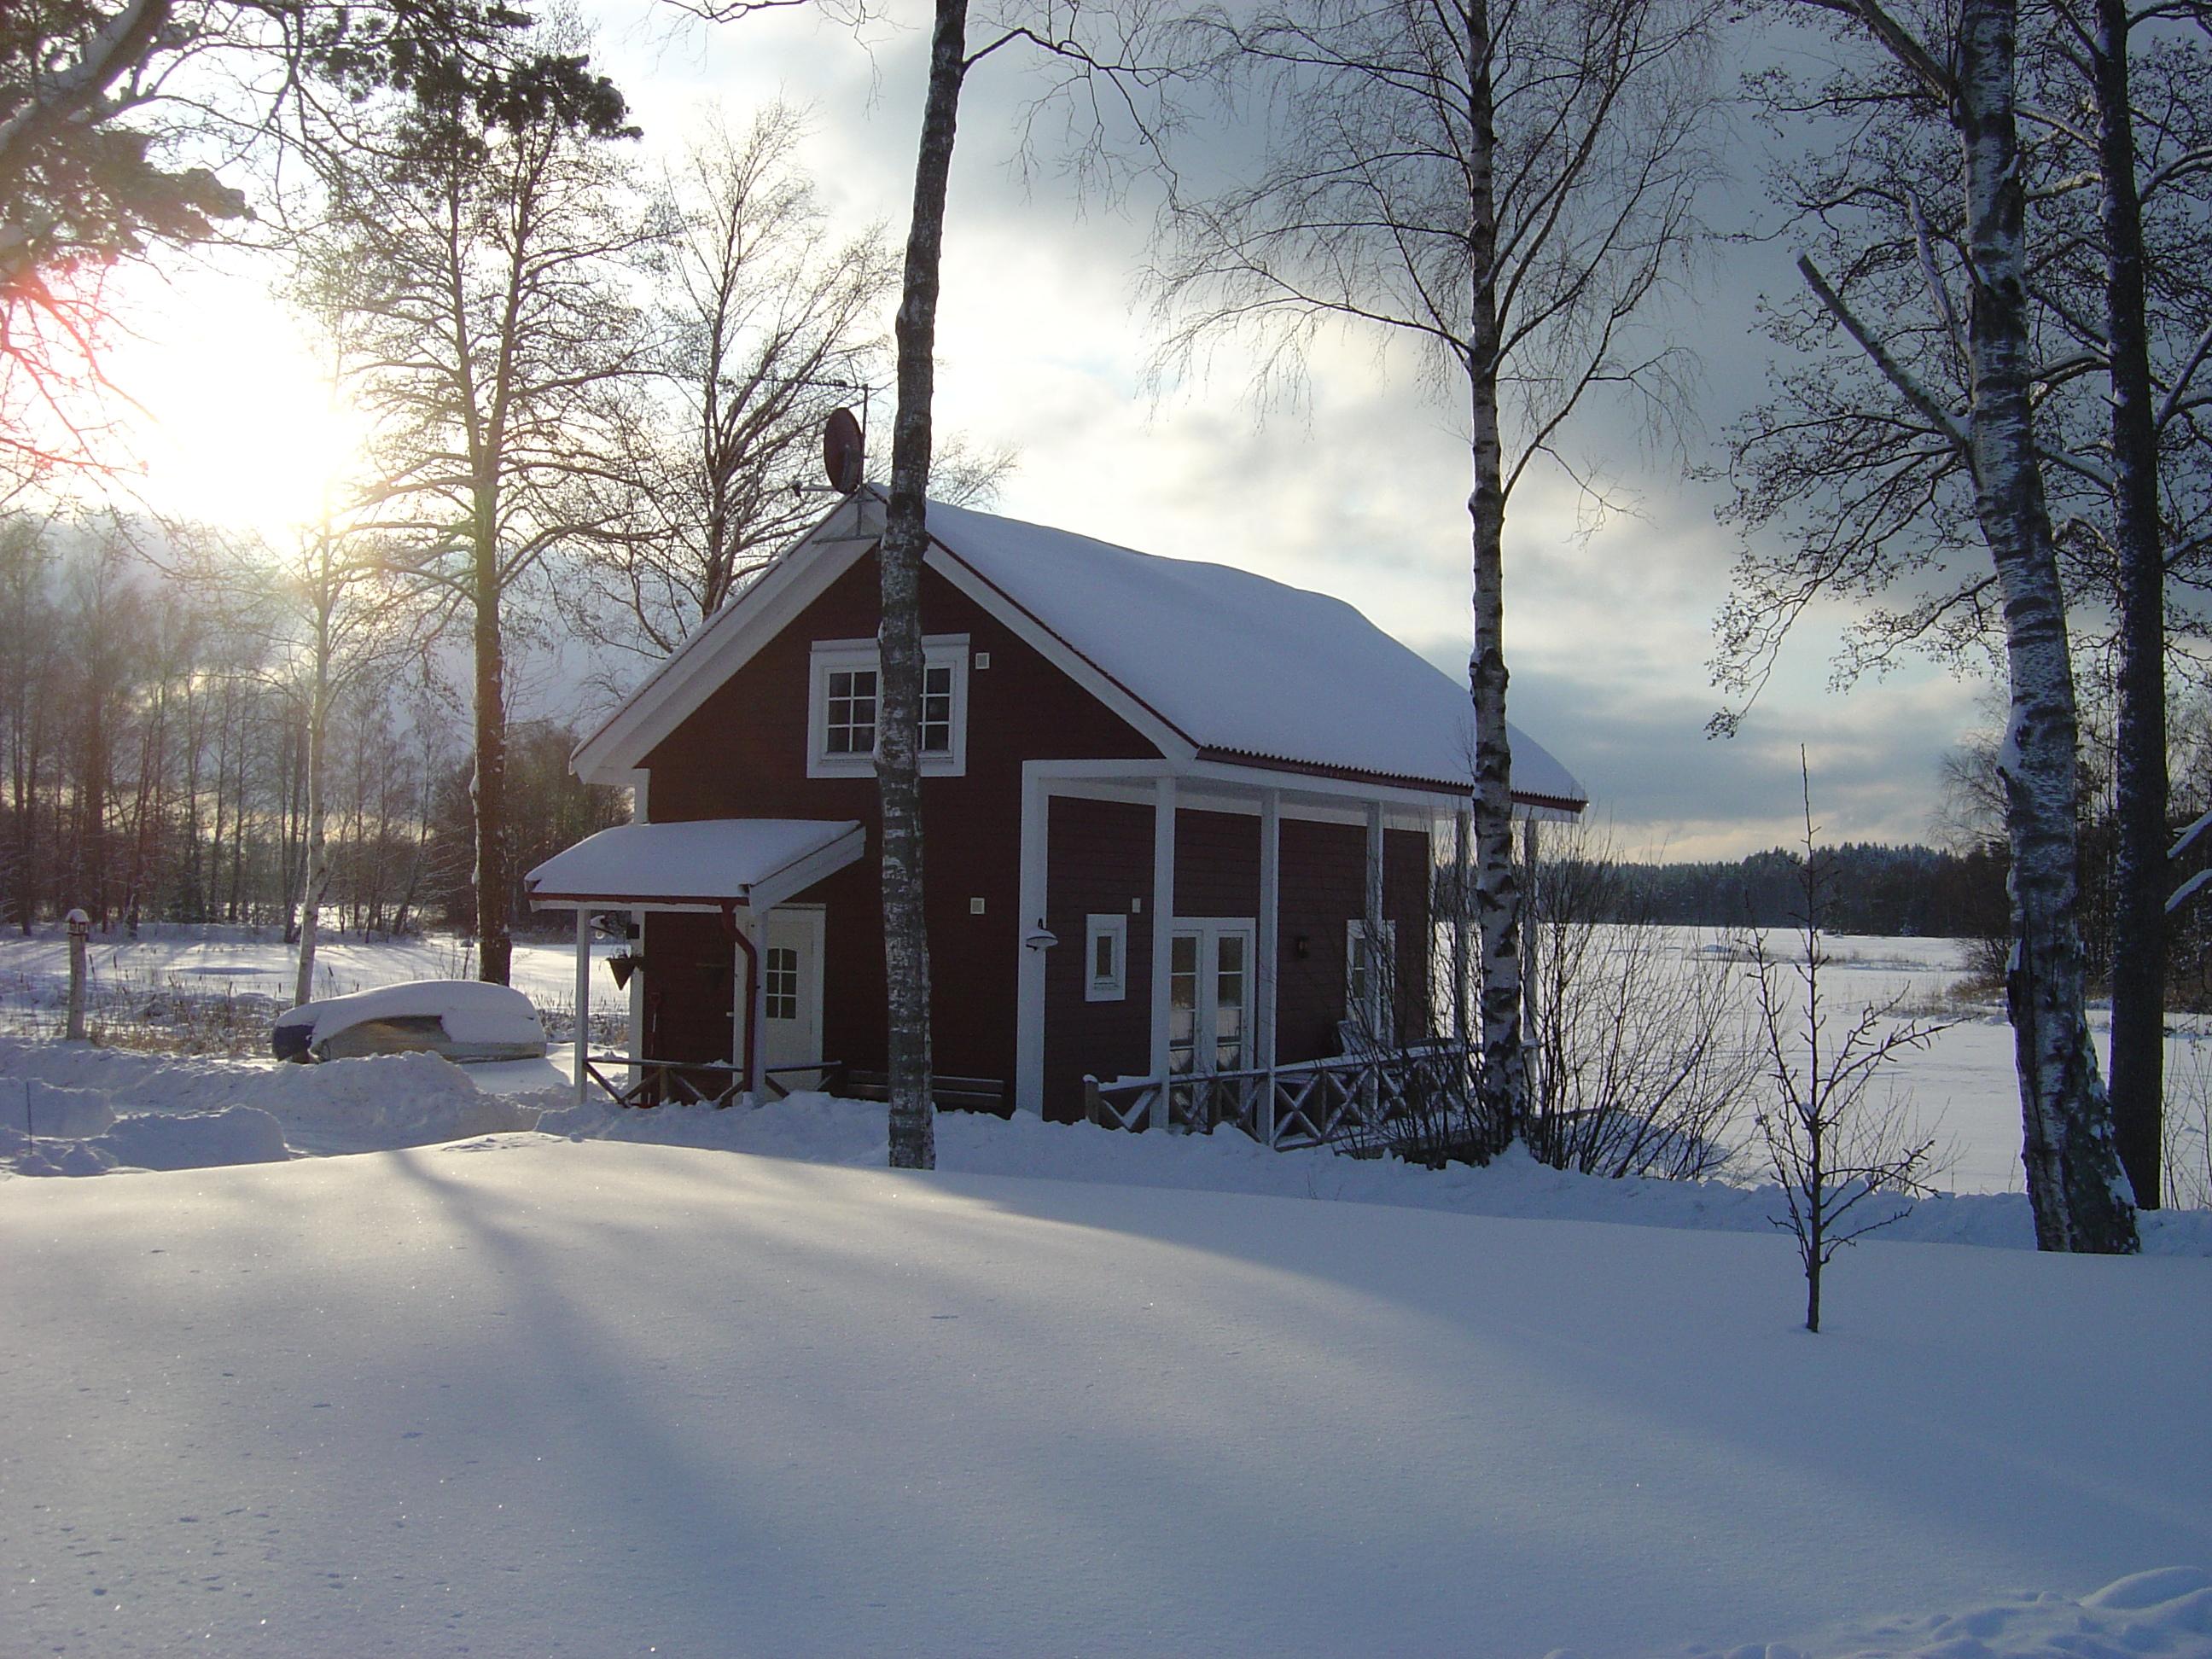 Ferienhaus Idala - Außenansicht im Winter